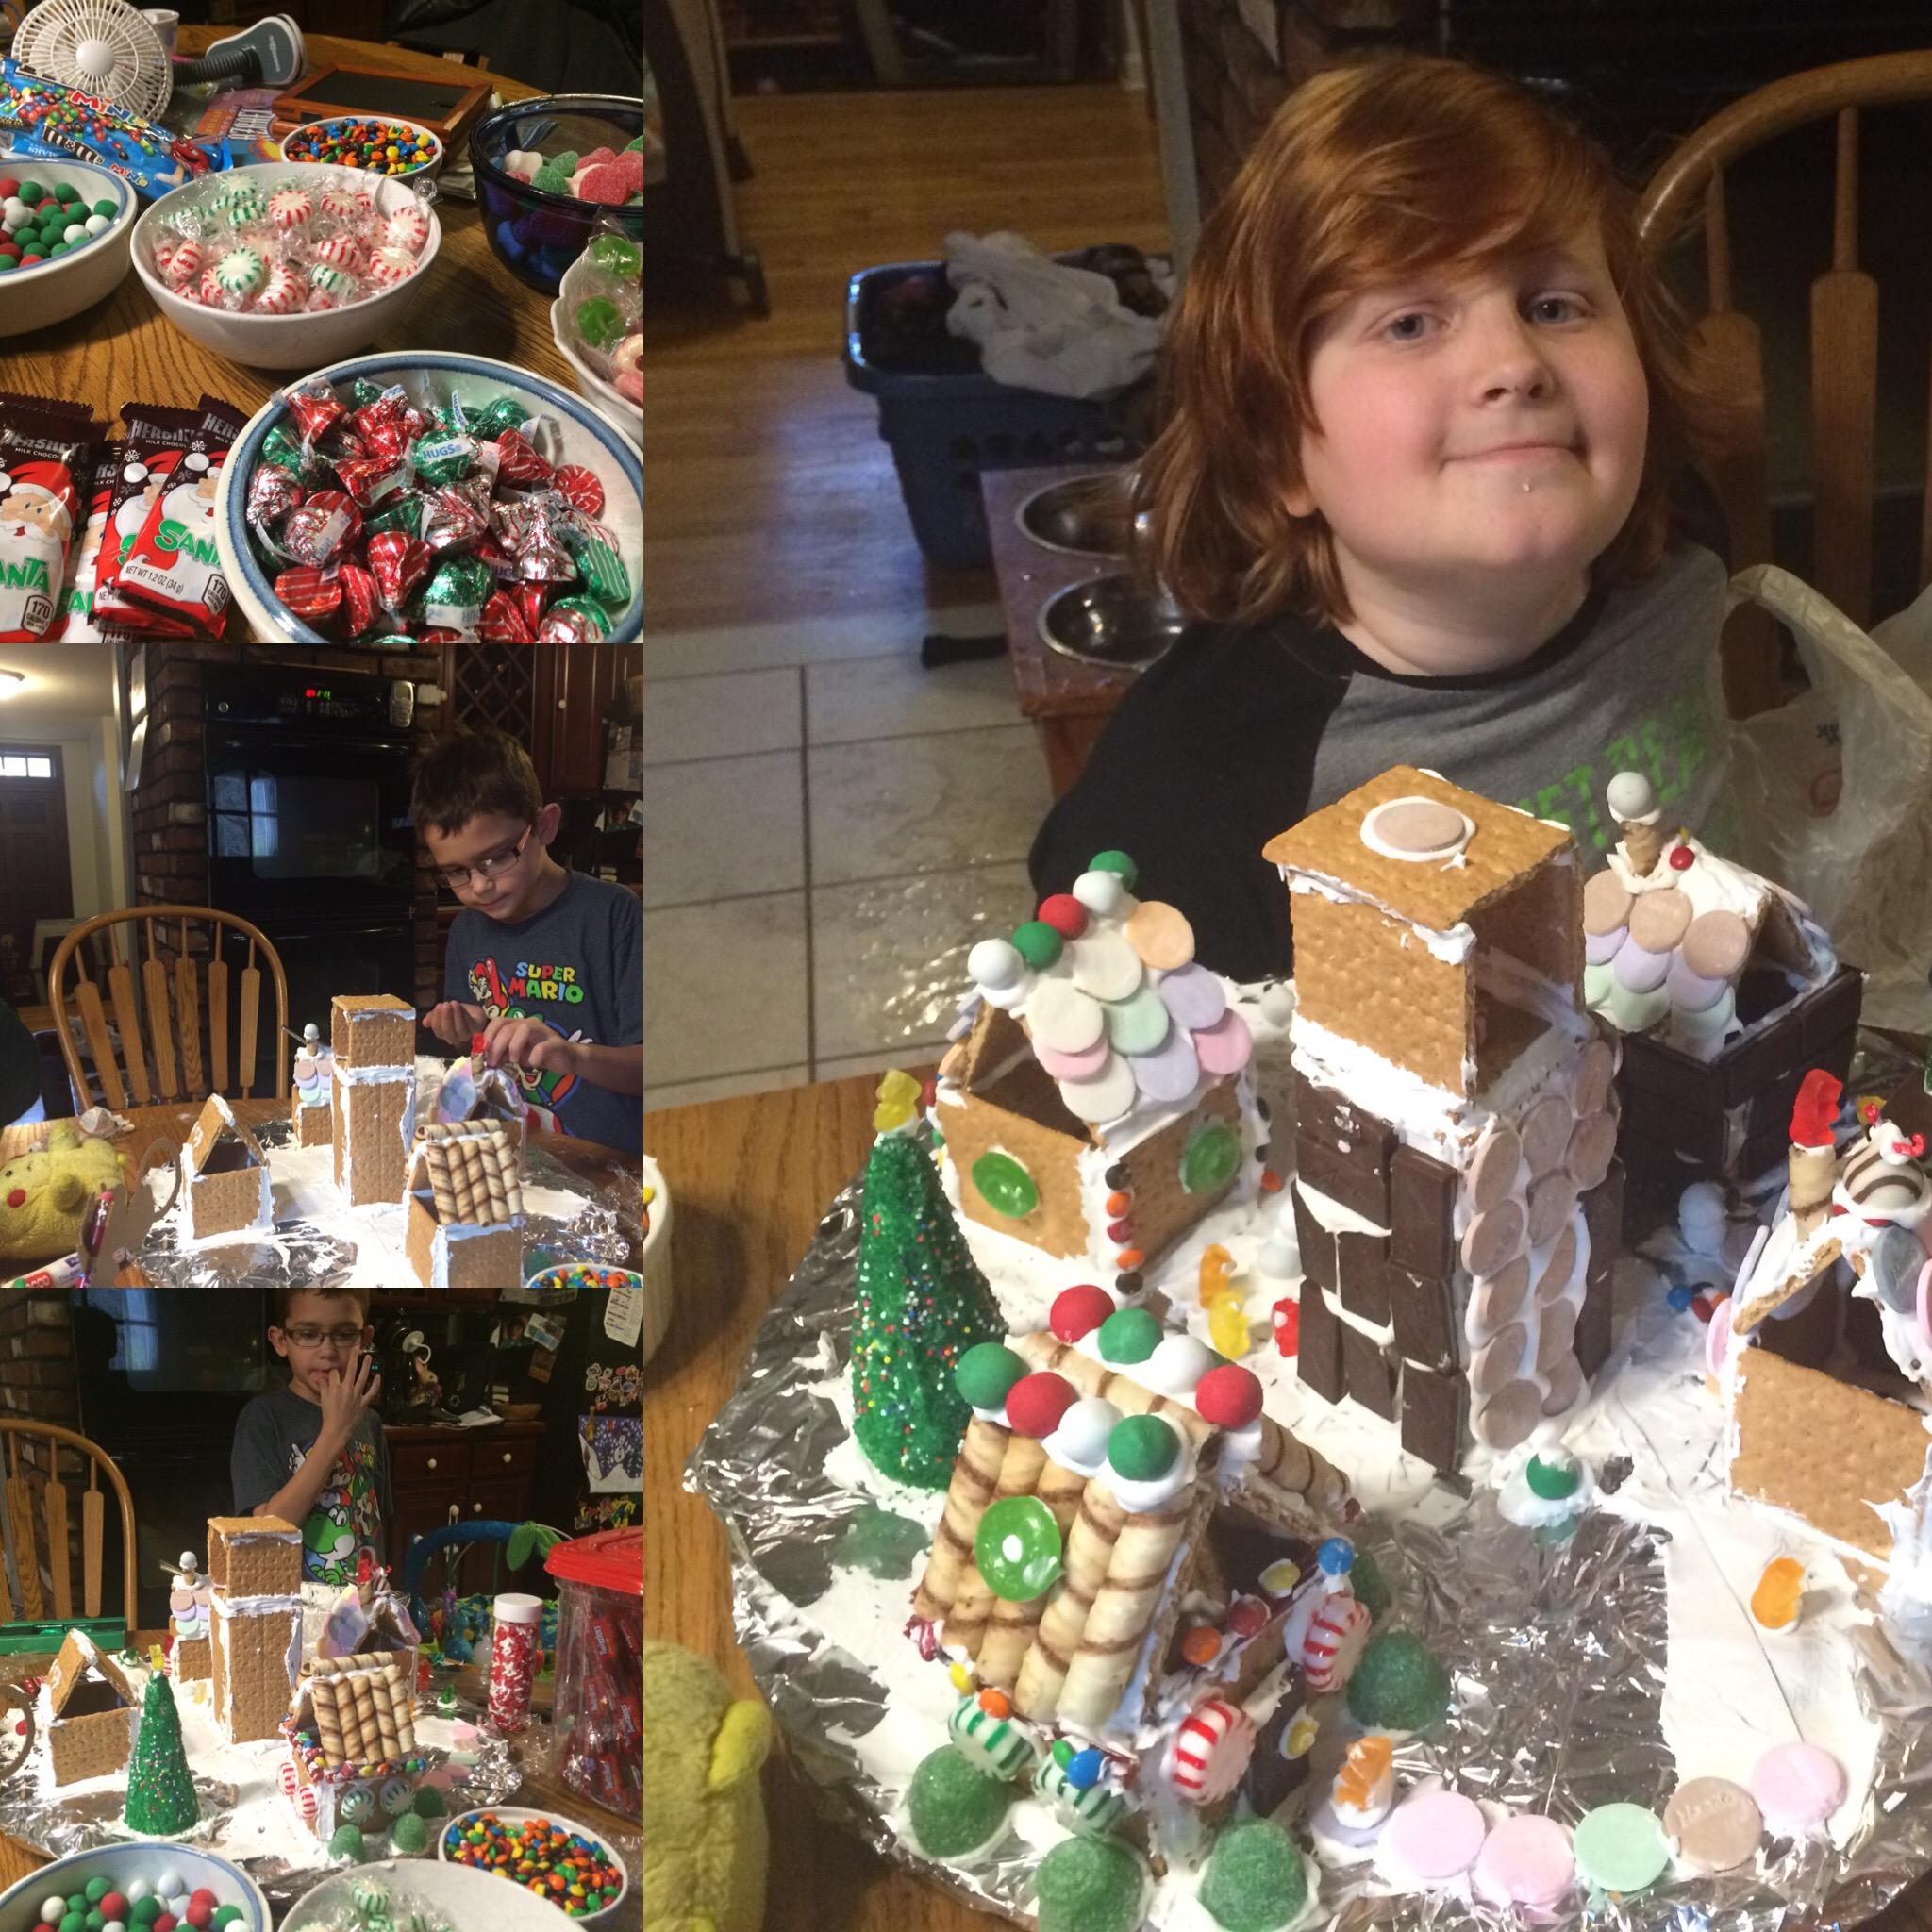 Graham cracker Christmas houses